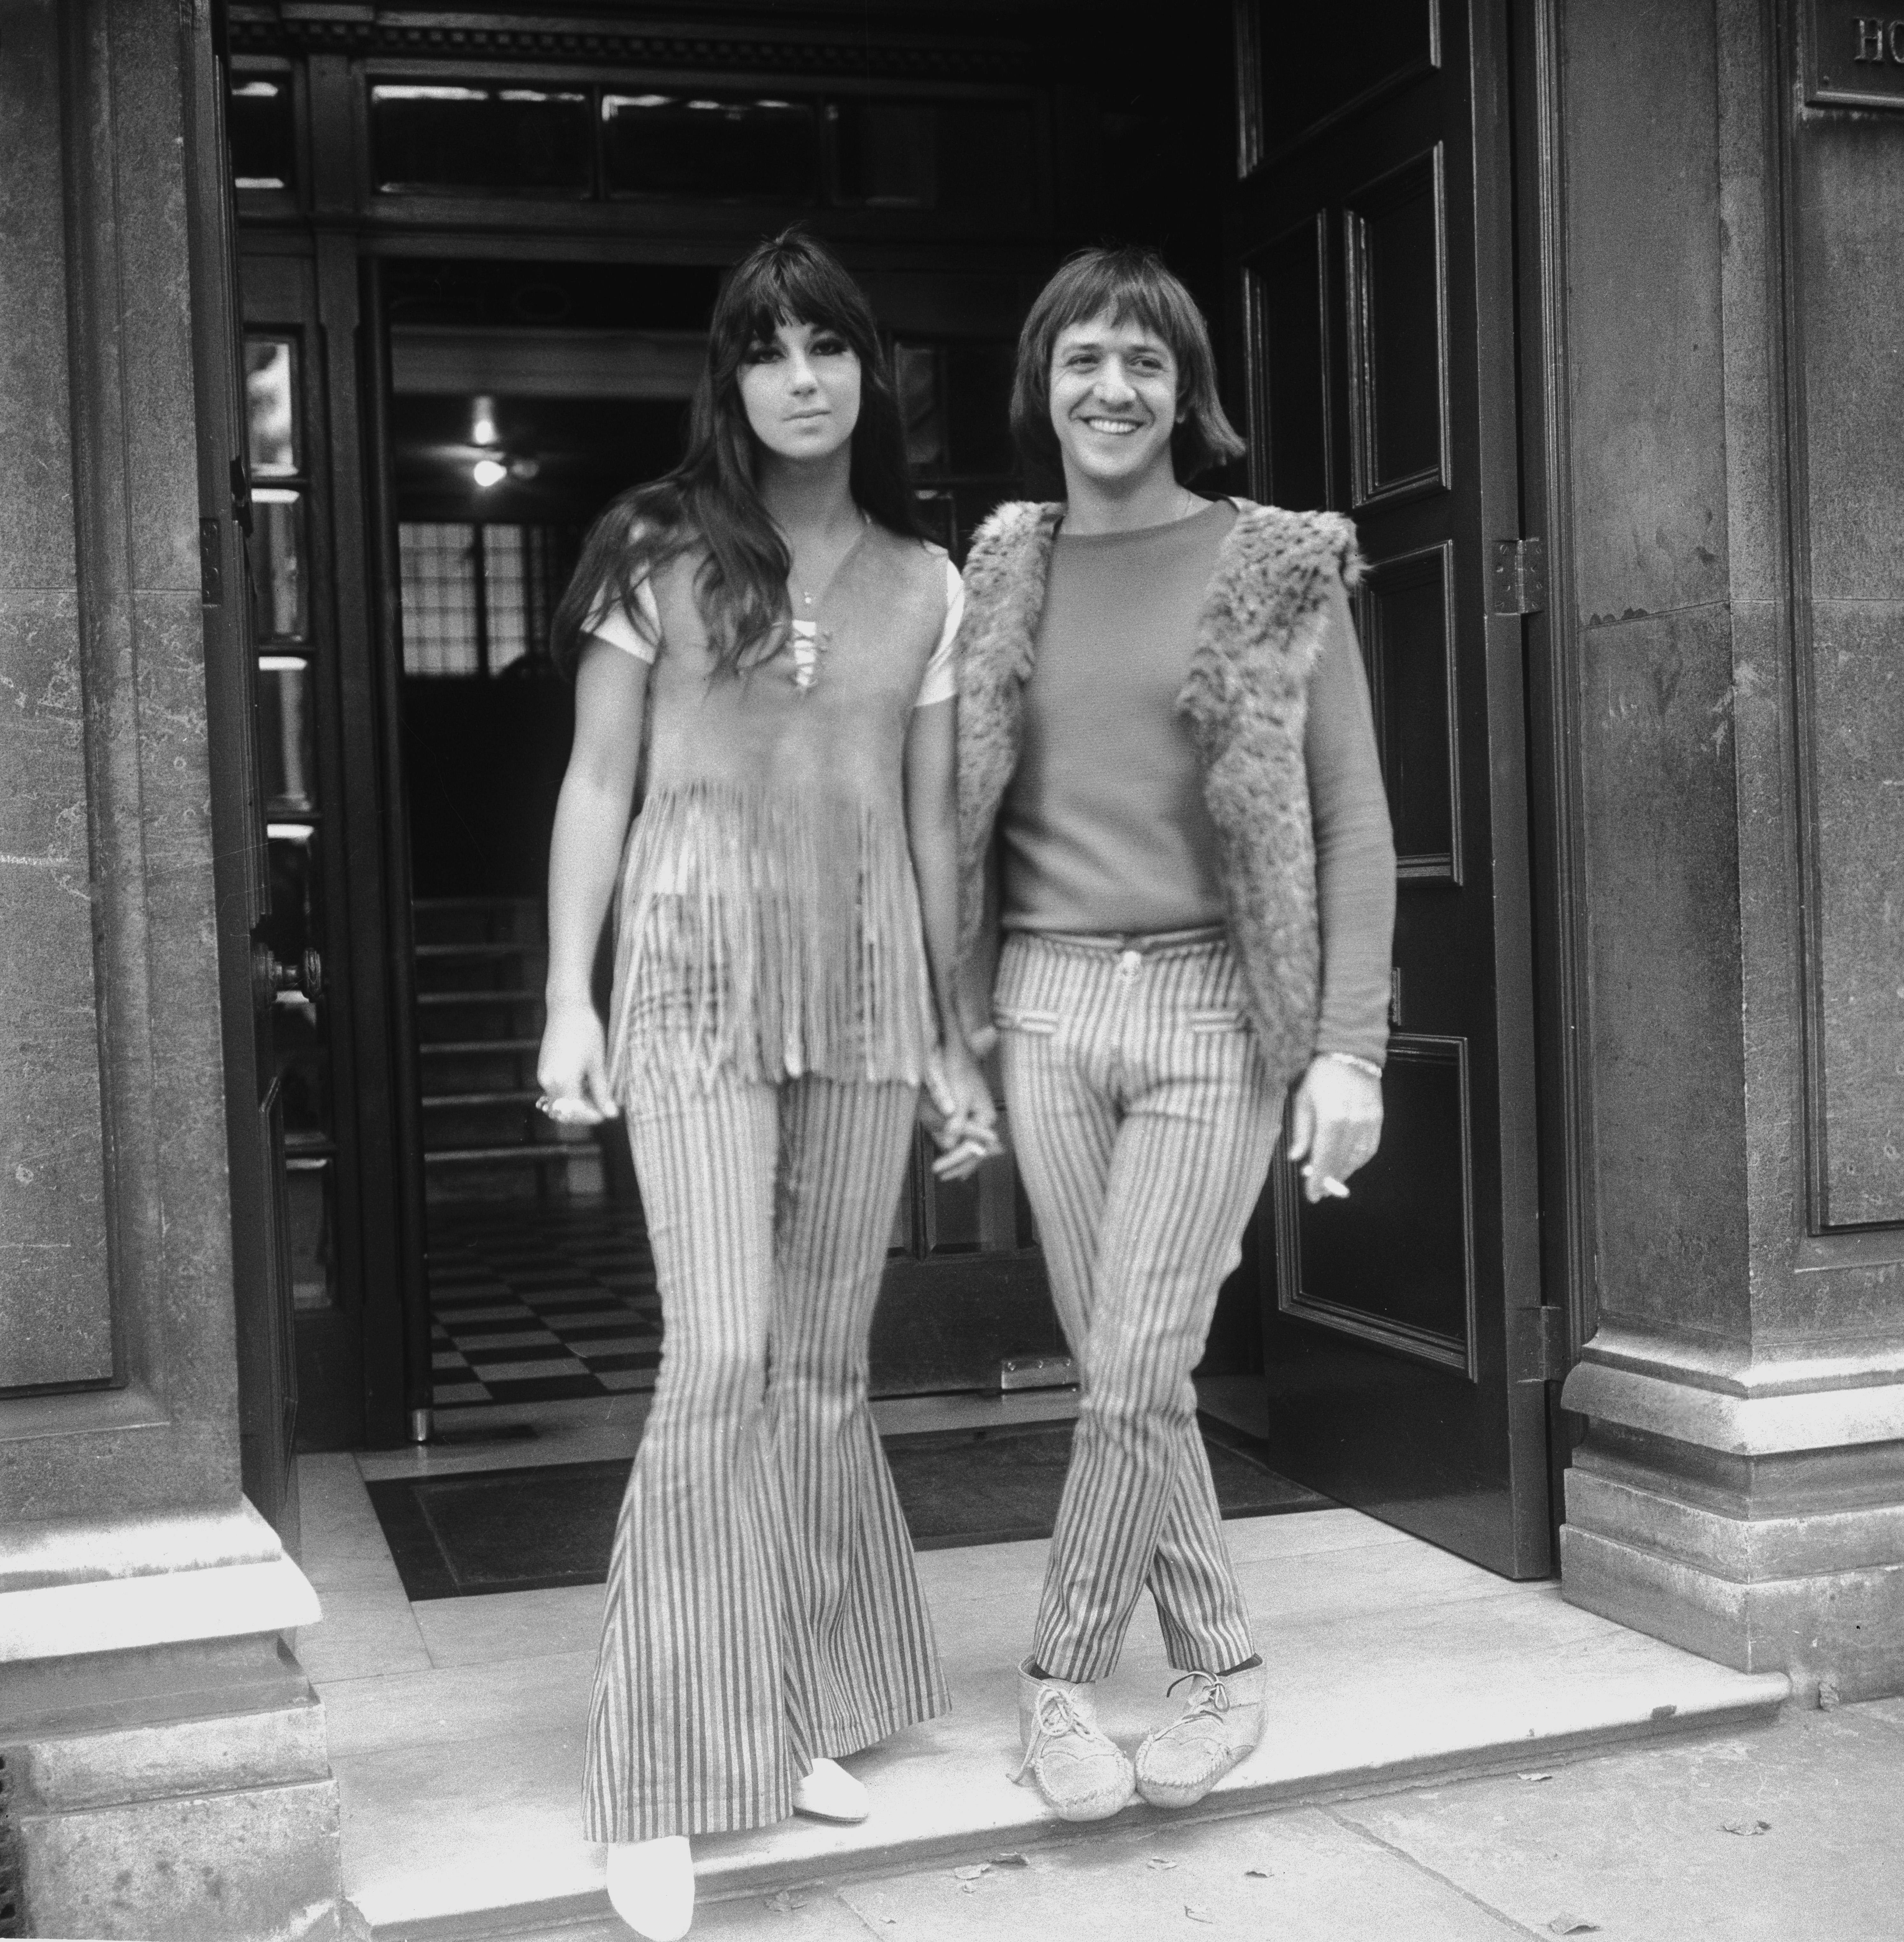 Шер и Сони през 1965 г., облечени по последен писък на тогавашната мода. Шер, както винаги се различава от другата тенденция сред дамите през тези години, а именно - бухналите и добре оформени коси и рокли/поли до коляното. Особено популярна мода сред домакините.